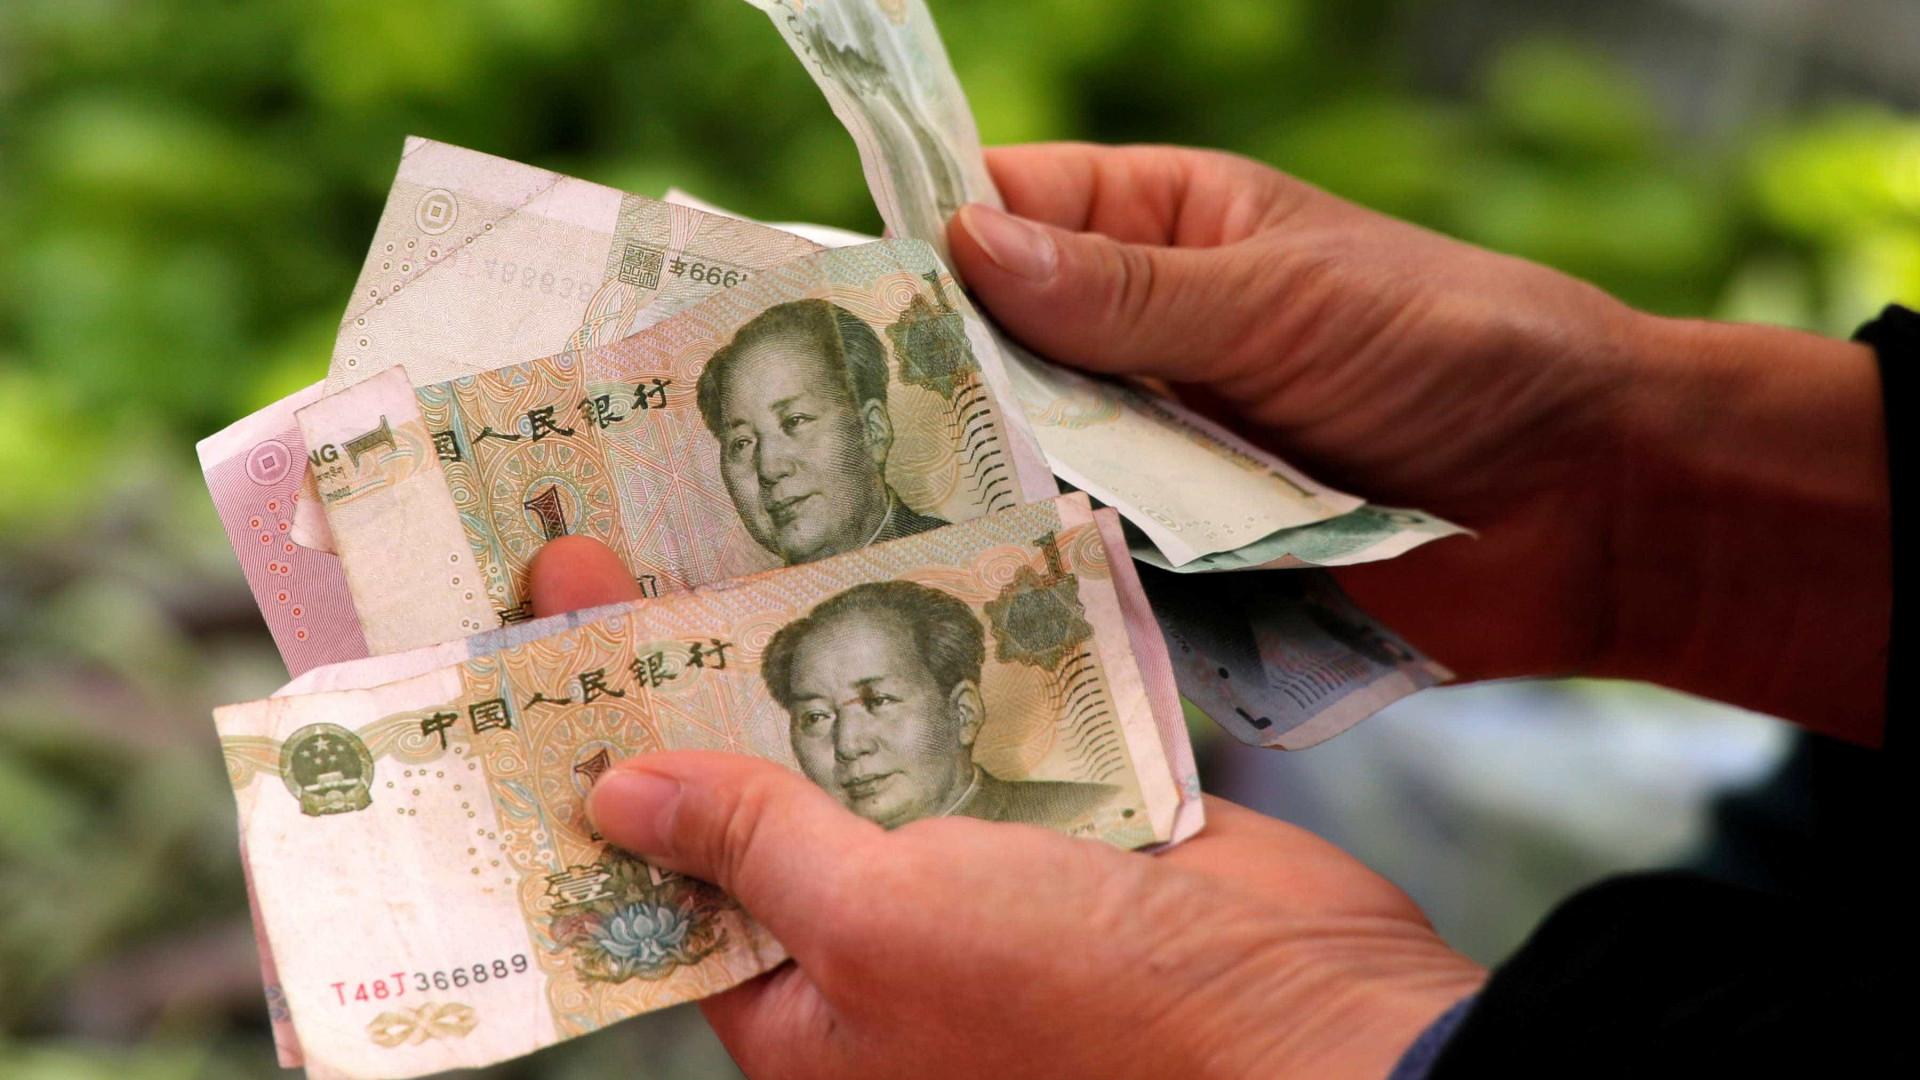 Investidores devem estar atentos ao populismo e ascensão da China